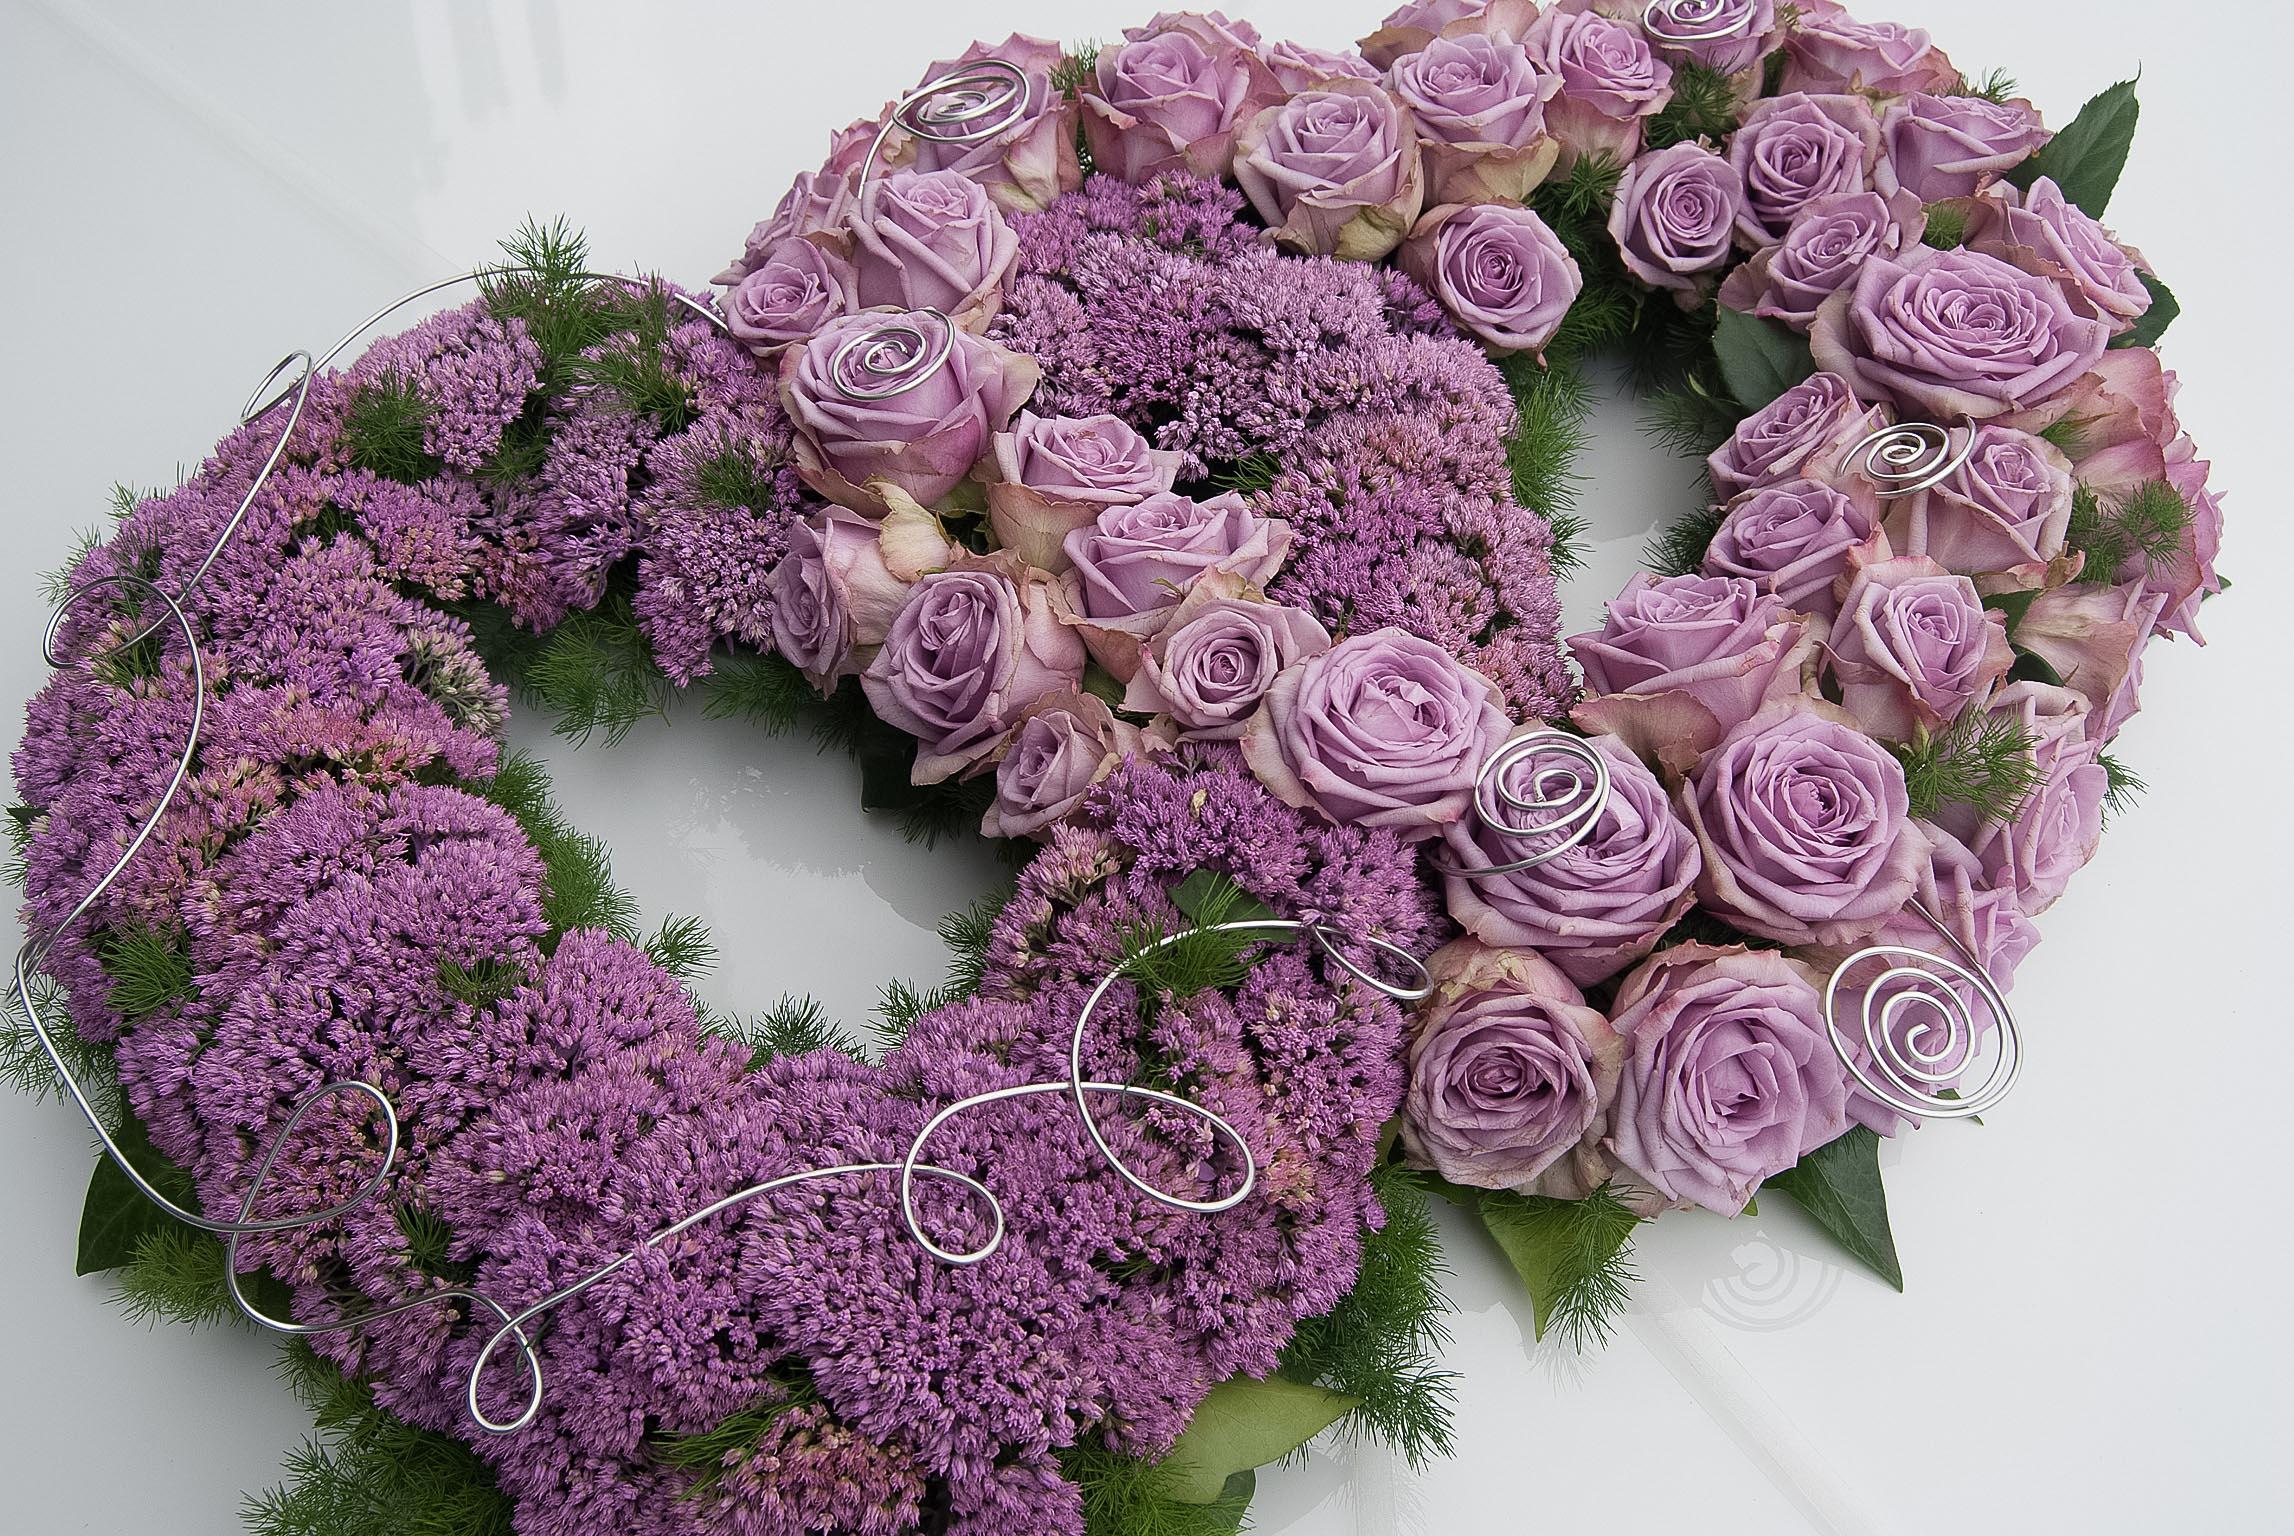 Hochzeiten Brautstrausse Und Tischdekoration Blumen Neuenhaus